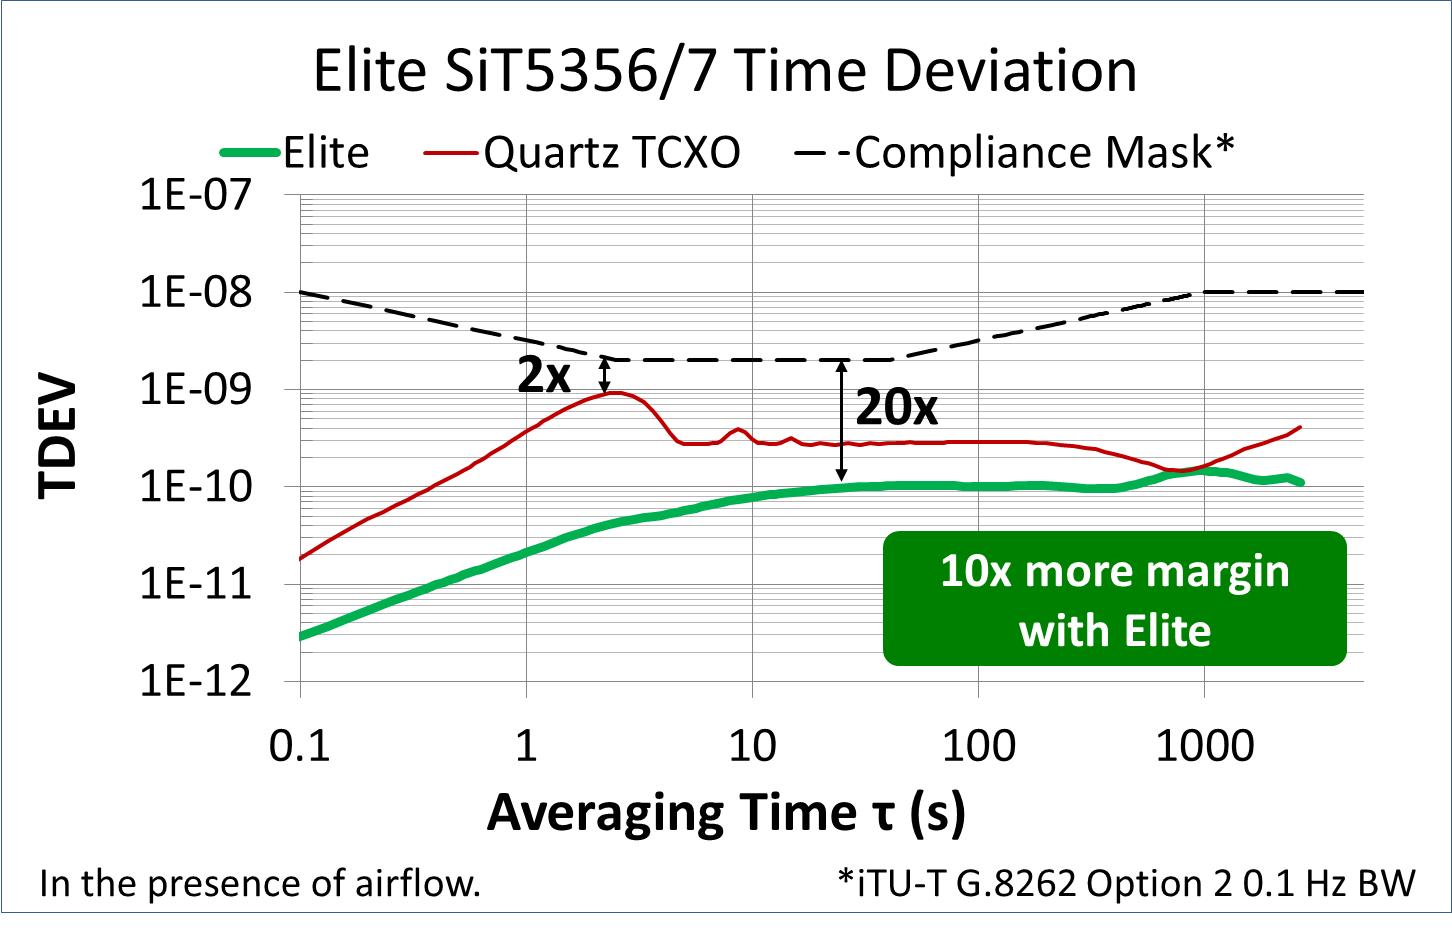 SiTime推出高精度MEMS振荡器 颠覆全球规模15亿美元电信与网络时钟市场